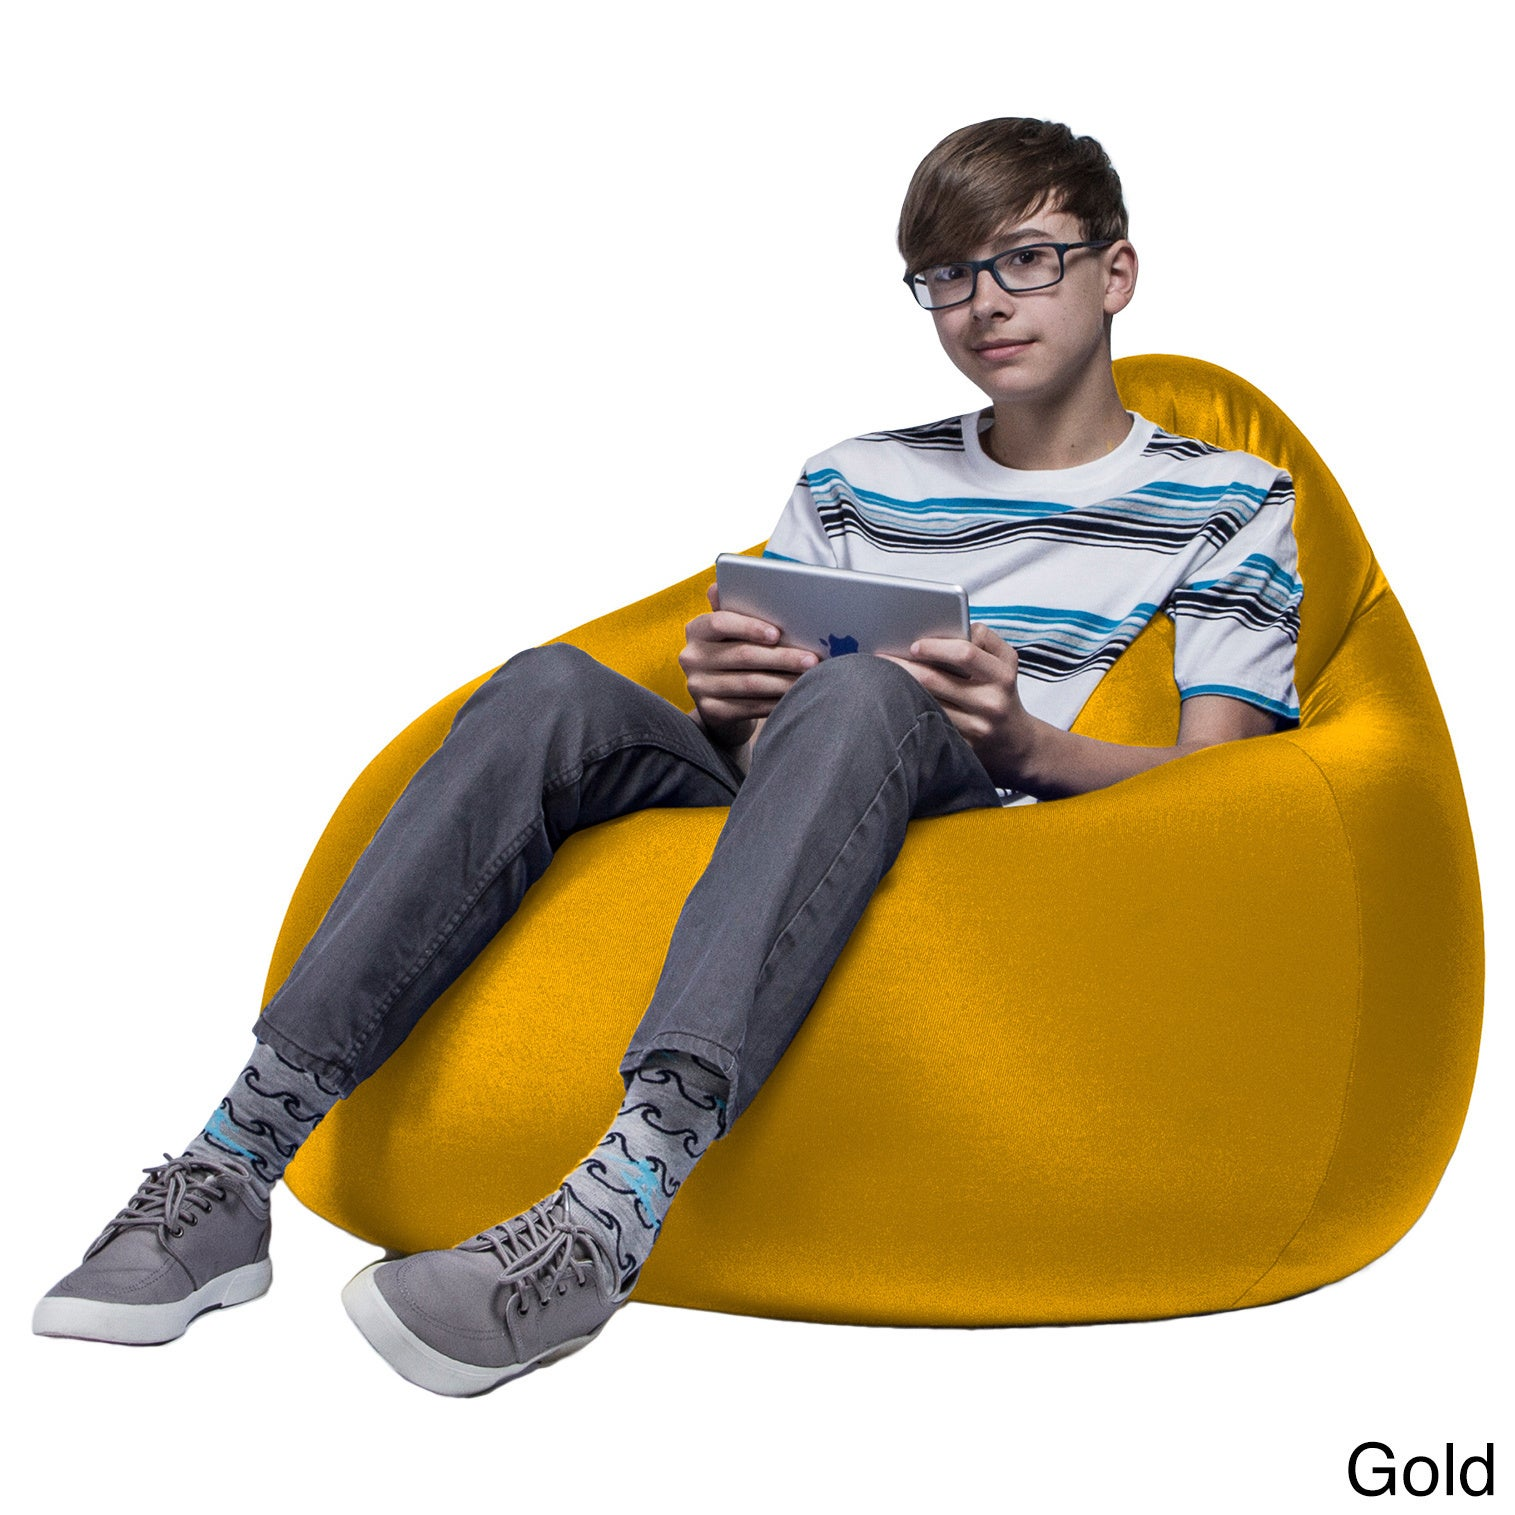 Jaxx Nimbus Spandex Bean Bag Chair (Yellow), Gold, Size M...